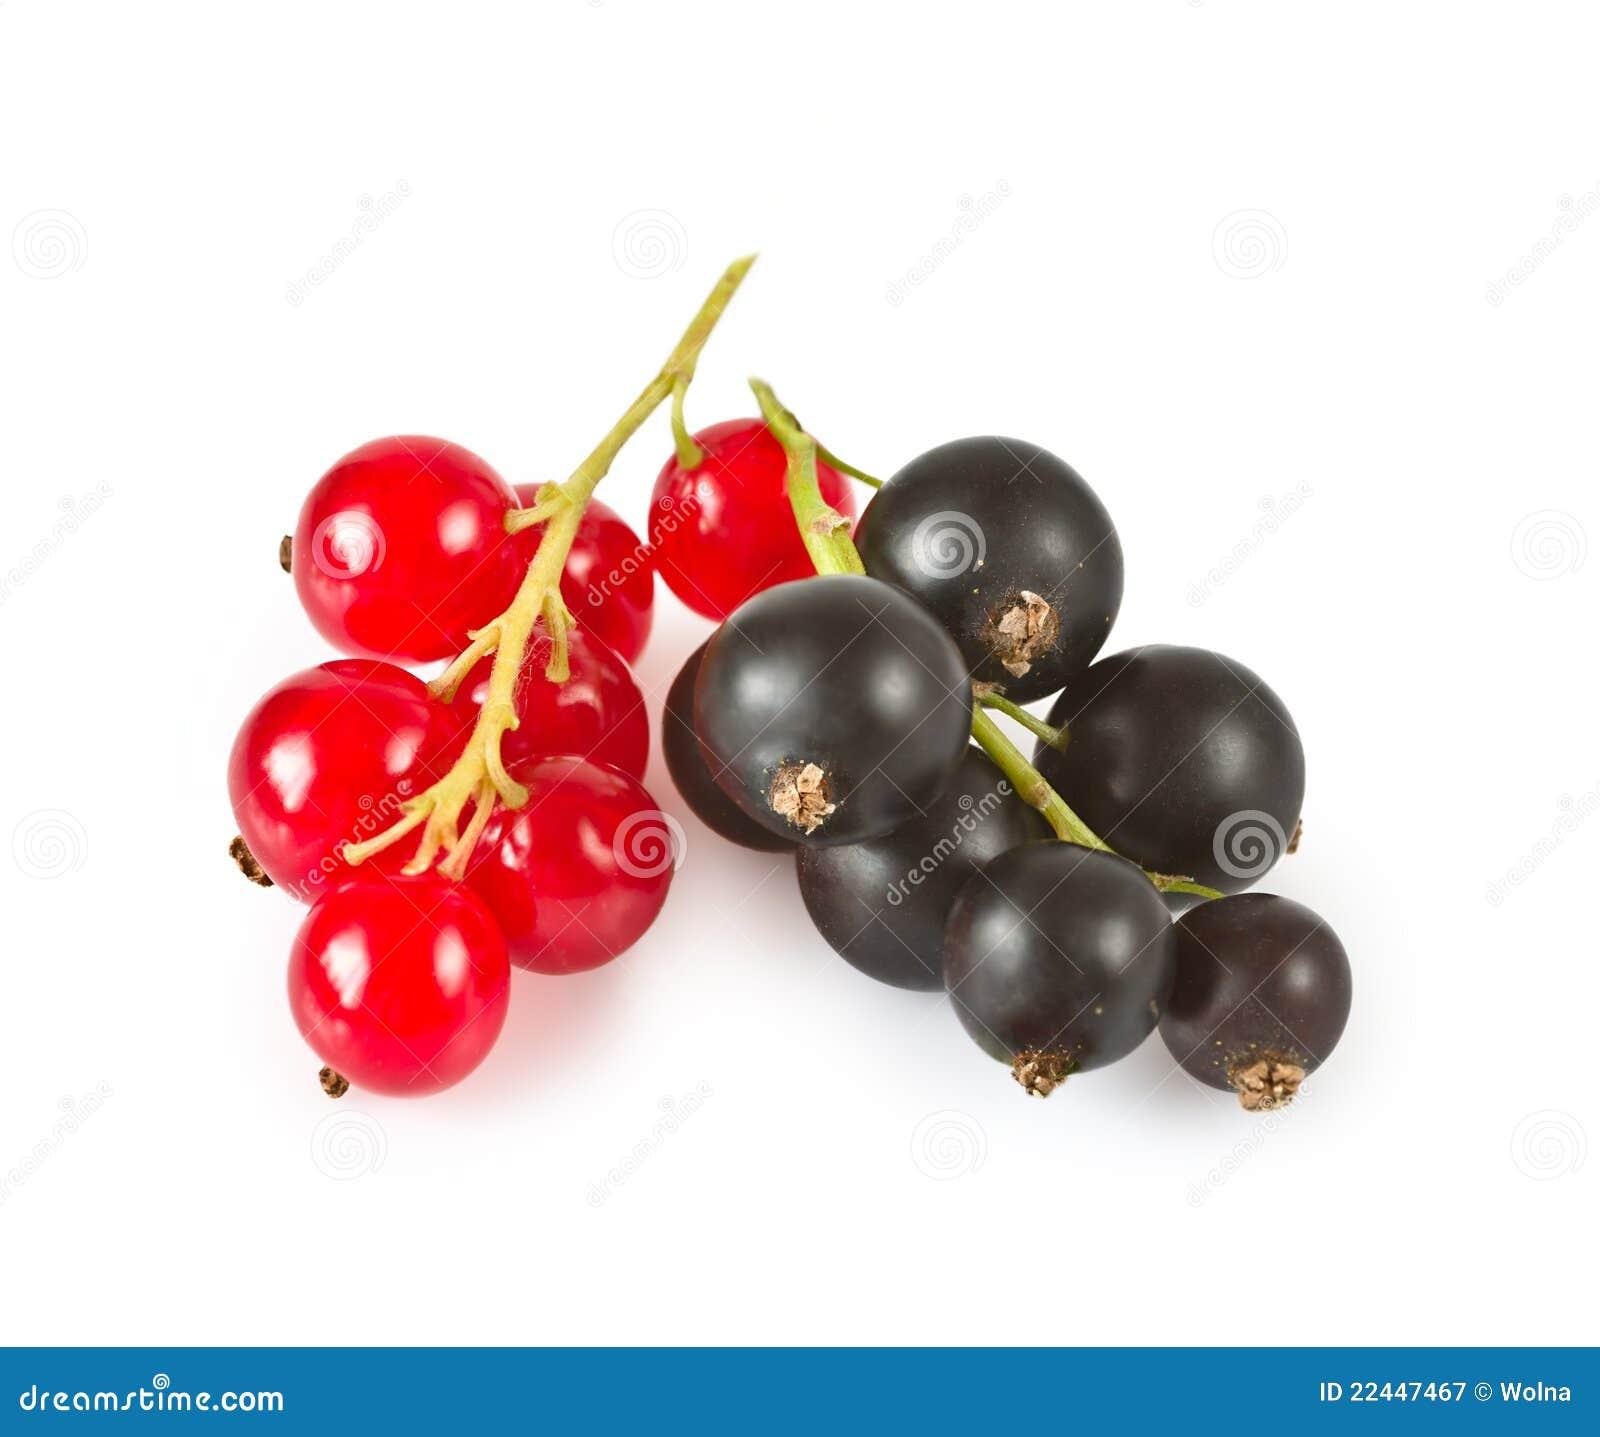 rote johannisbeeren und schwarze johannisbeeren stockbild bild von saftig organisch 22447467. Black Bedroom Furniture Sets. Home Design Ideas